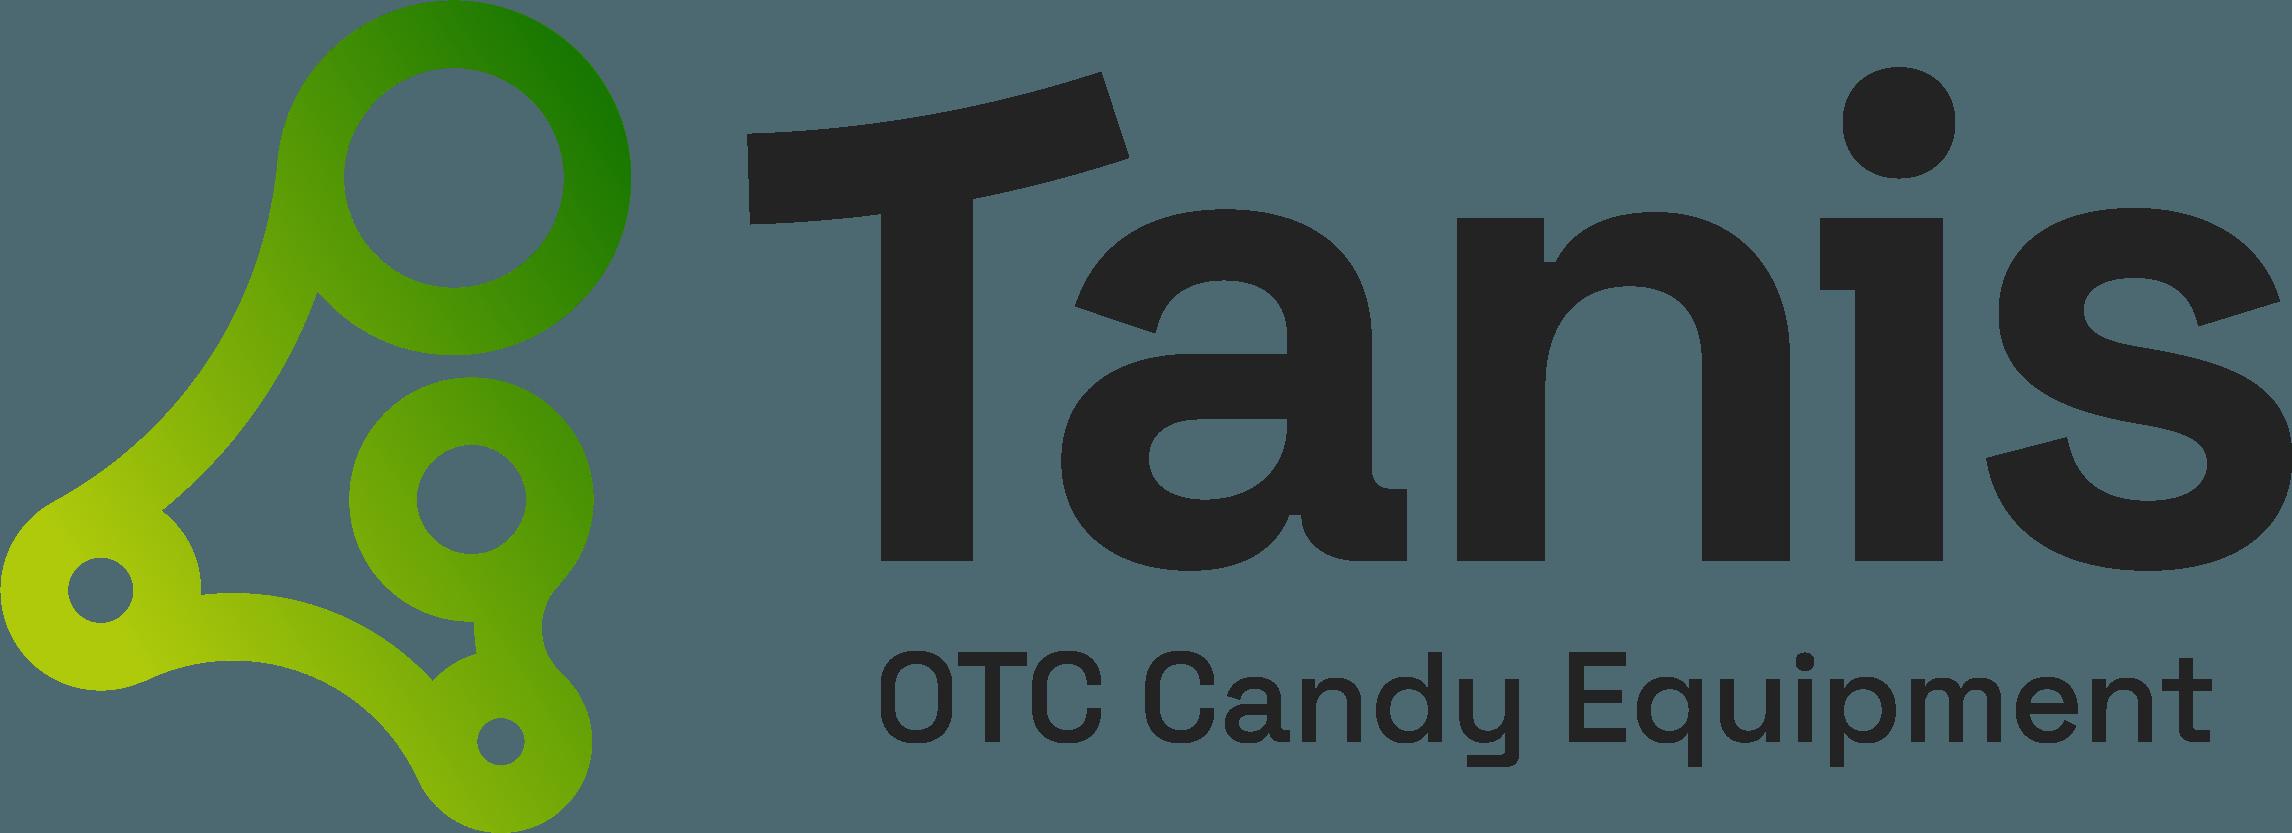 OTC-Candy